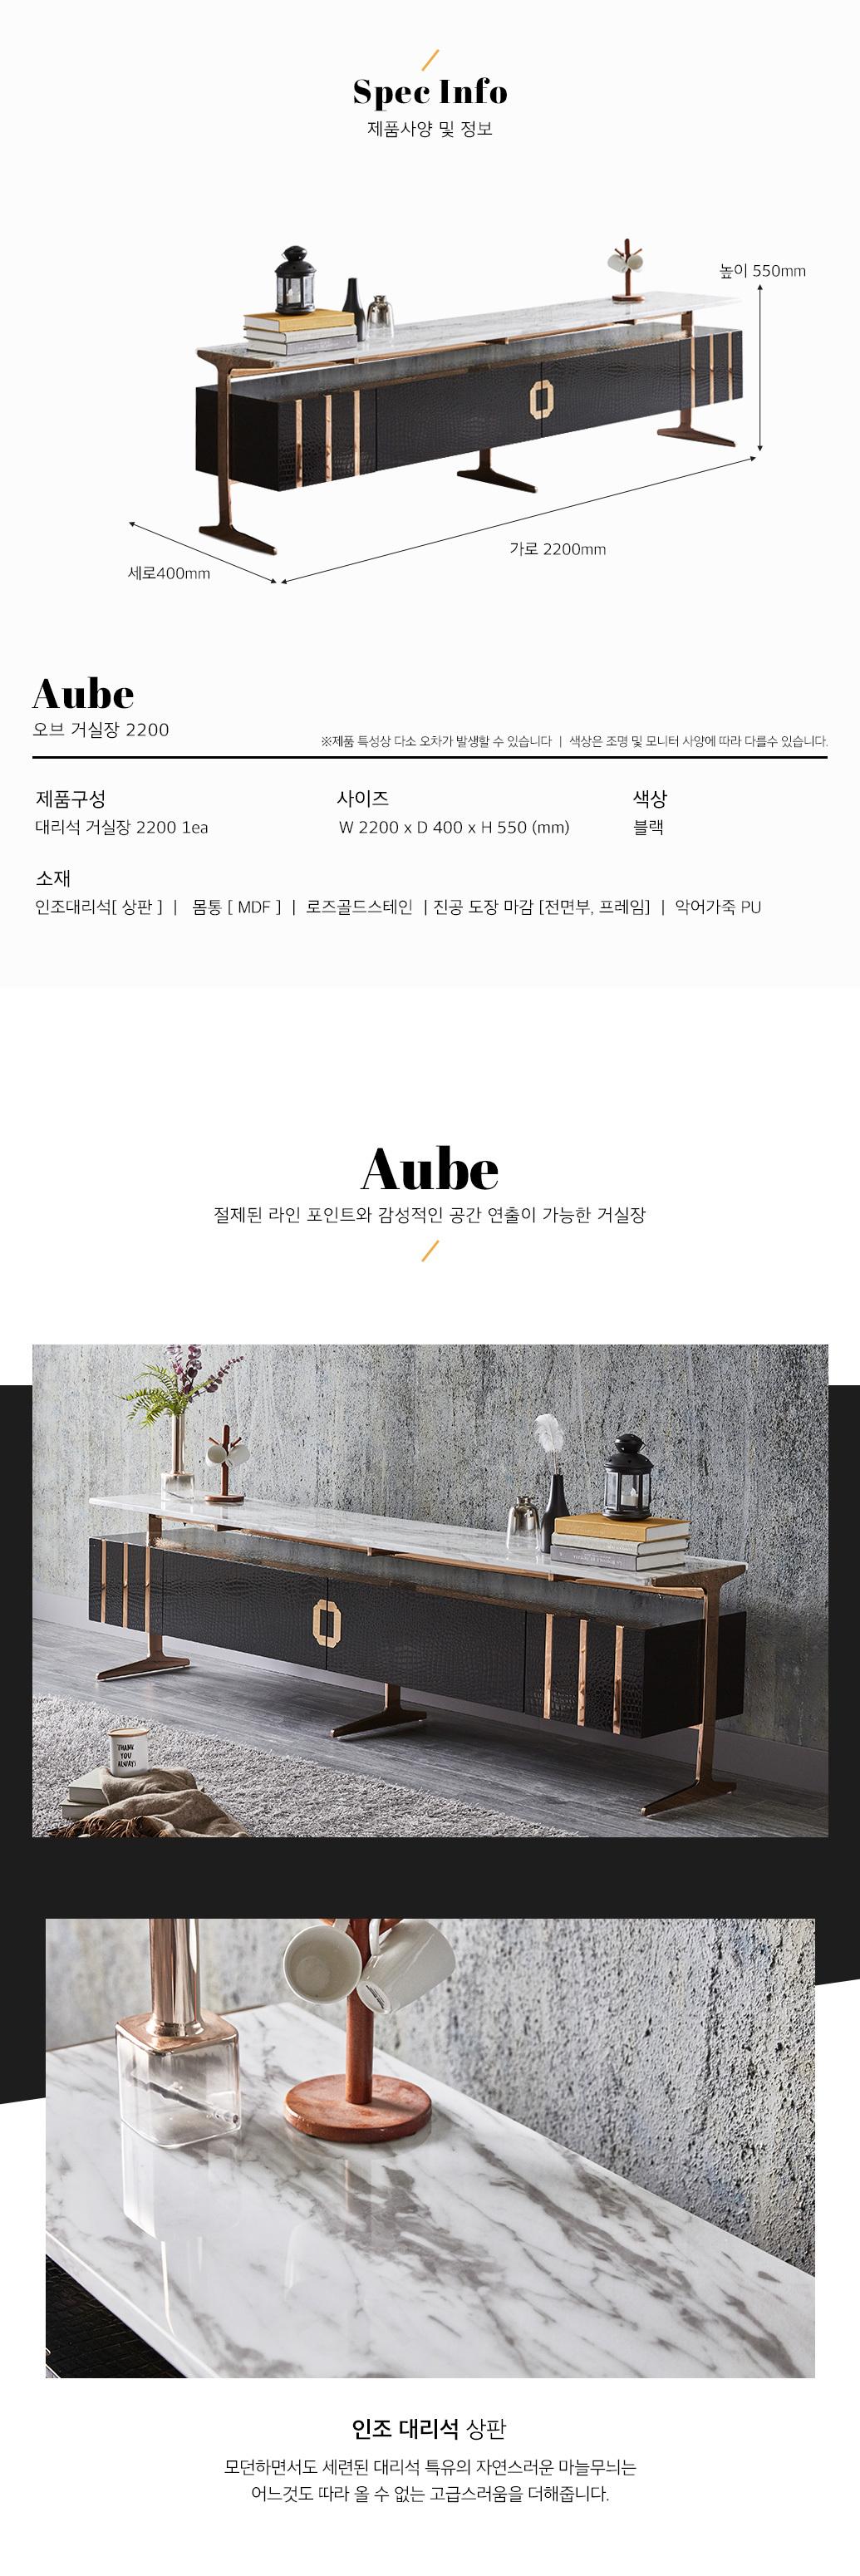 aube_living_02.jpg